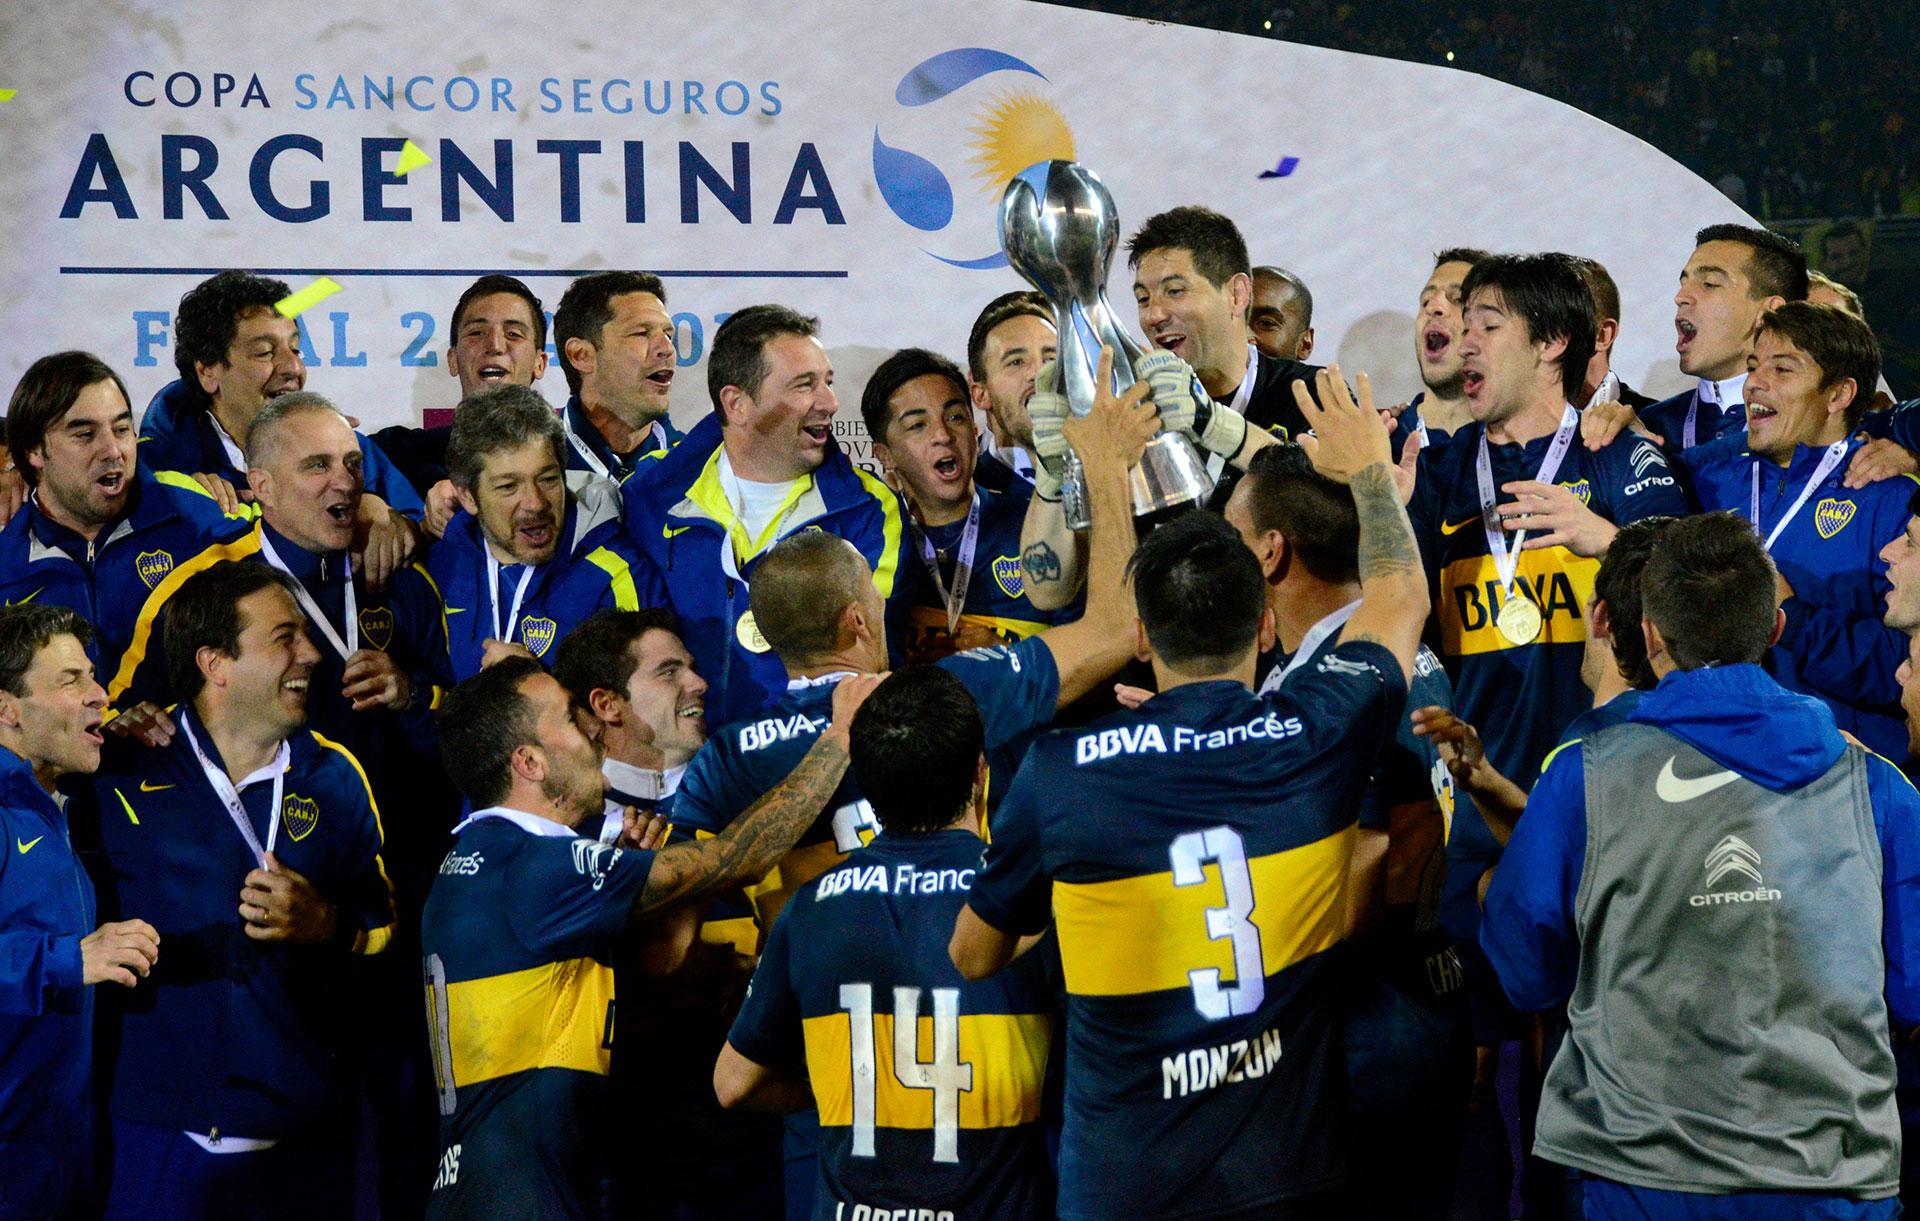 Copa Argentina 2015: tres su vuelta al club, Gago sumó una nueva estrella con el certamen nacional ante Rosario Central (Foto Baires)